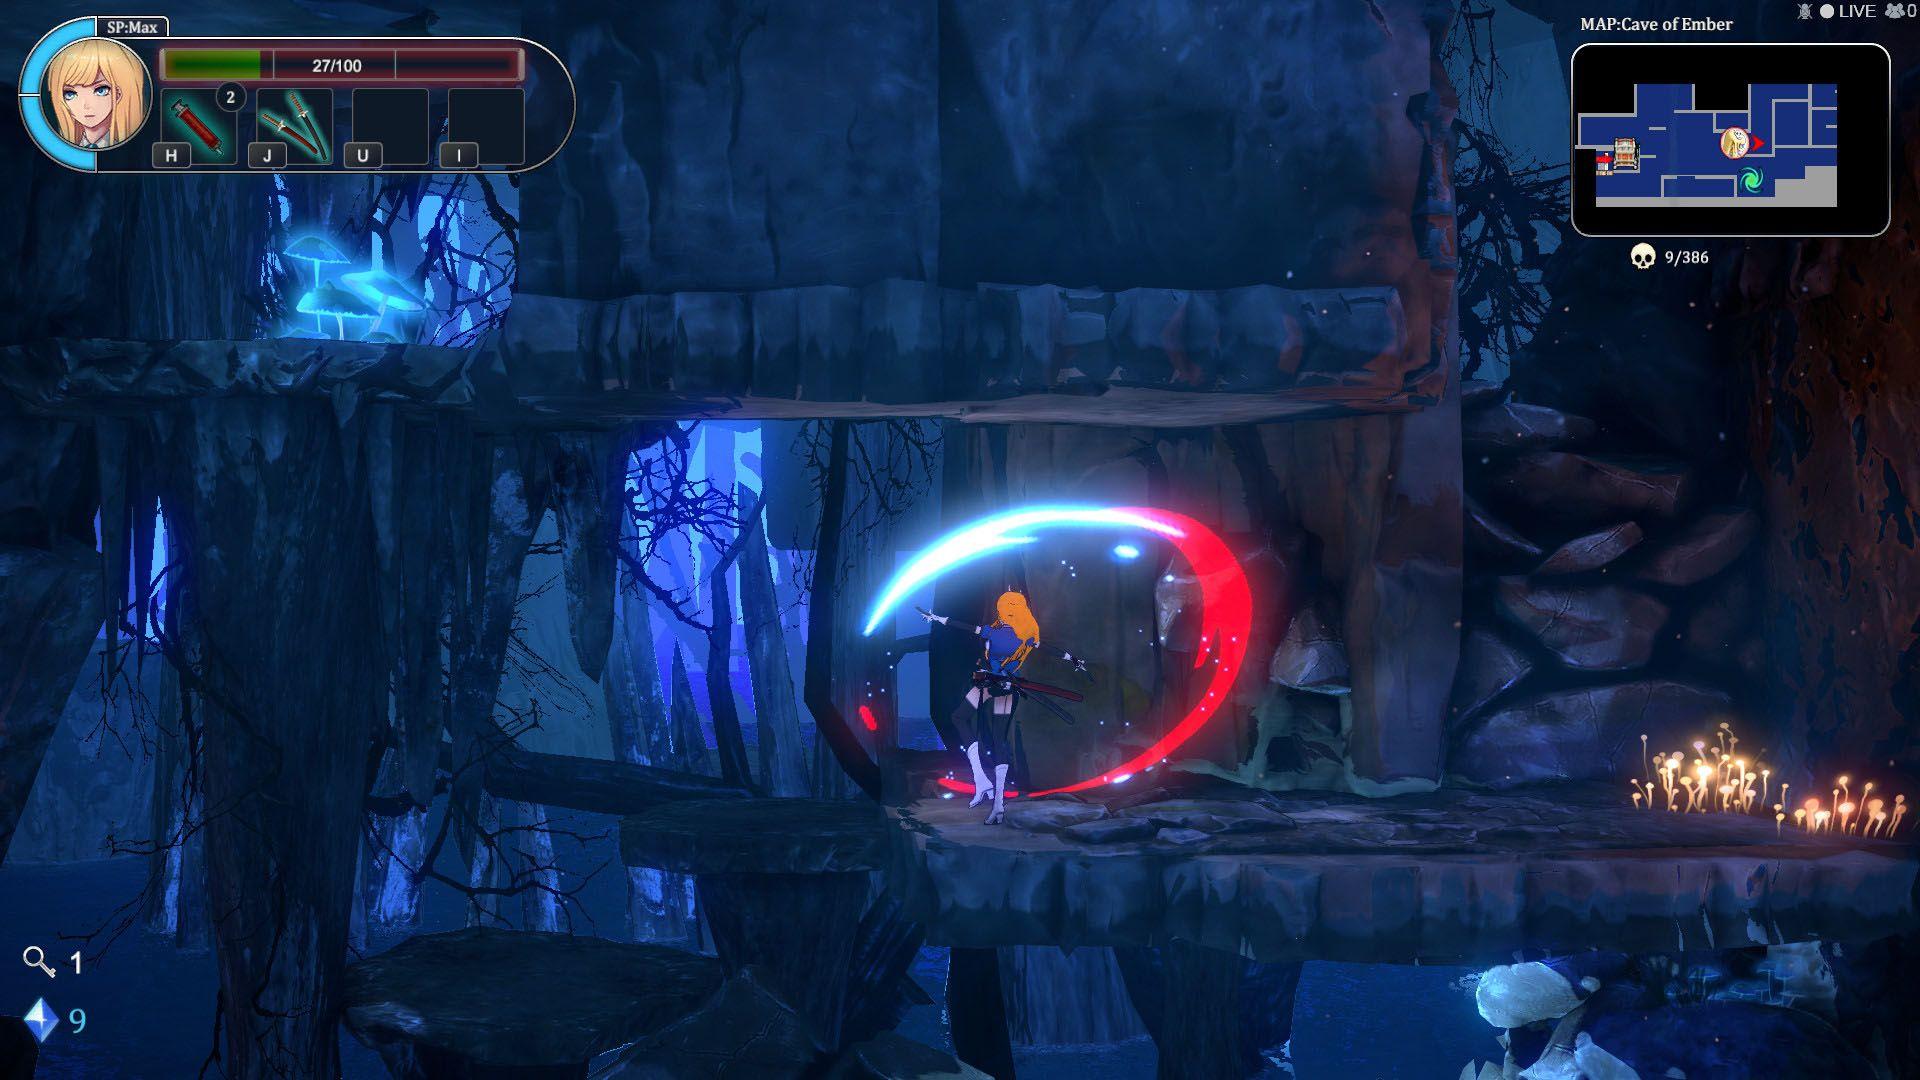 《塔猎手》将于明年1月6日登陆WeGame 美女闯巨塔